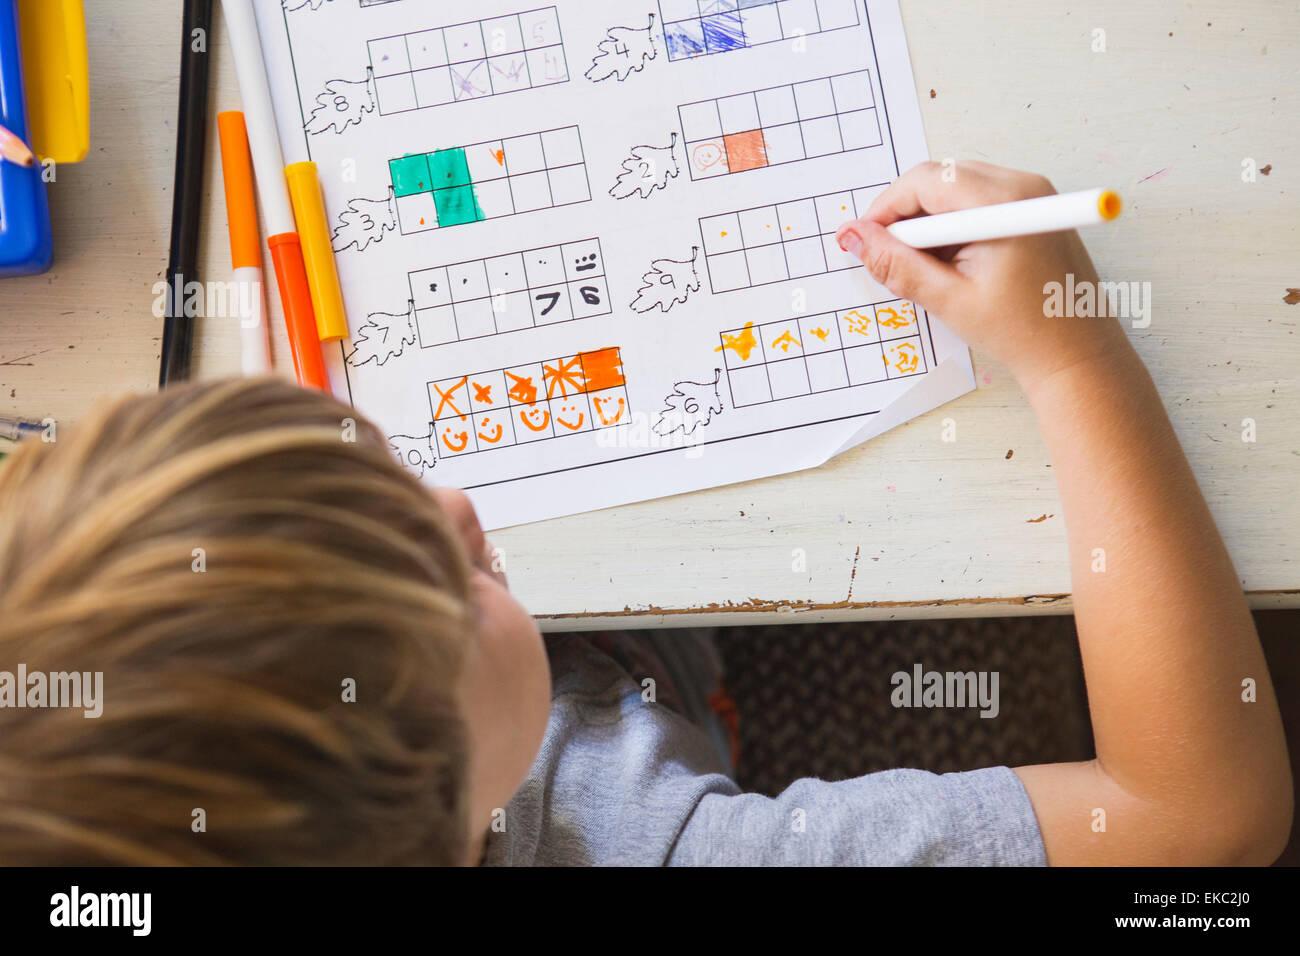 Joven haciendo los deberes, ángulo alto Imagen De Stock